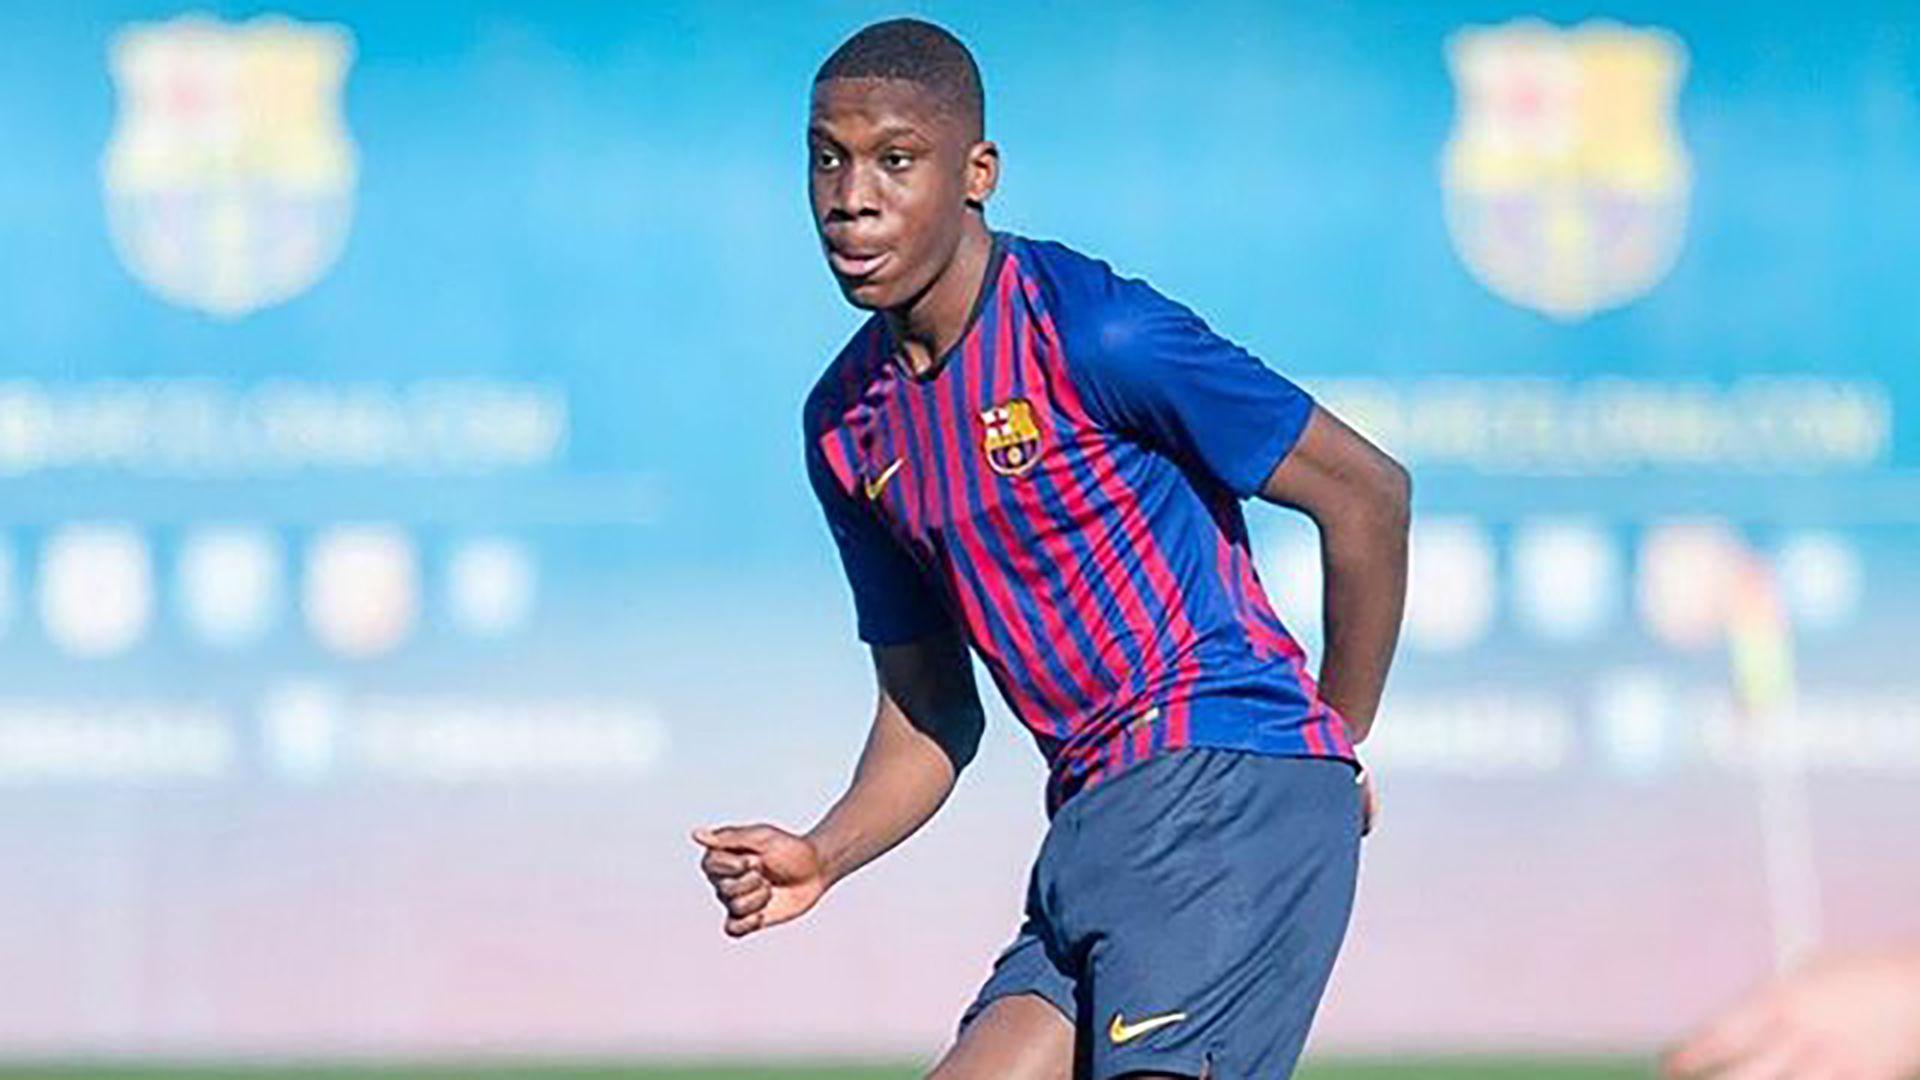 Moriba tiene 17 años y es una de las promesas de la cantera del Barcelona (@ilaixmk)